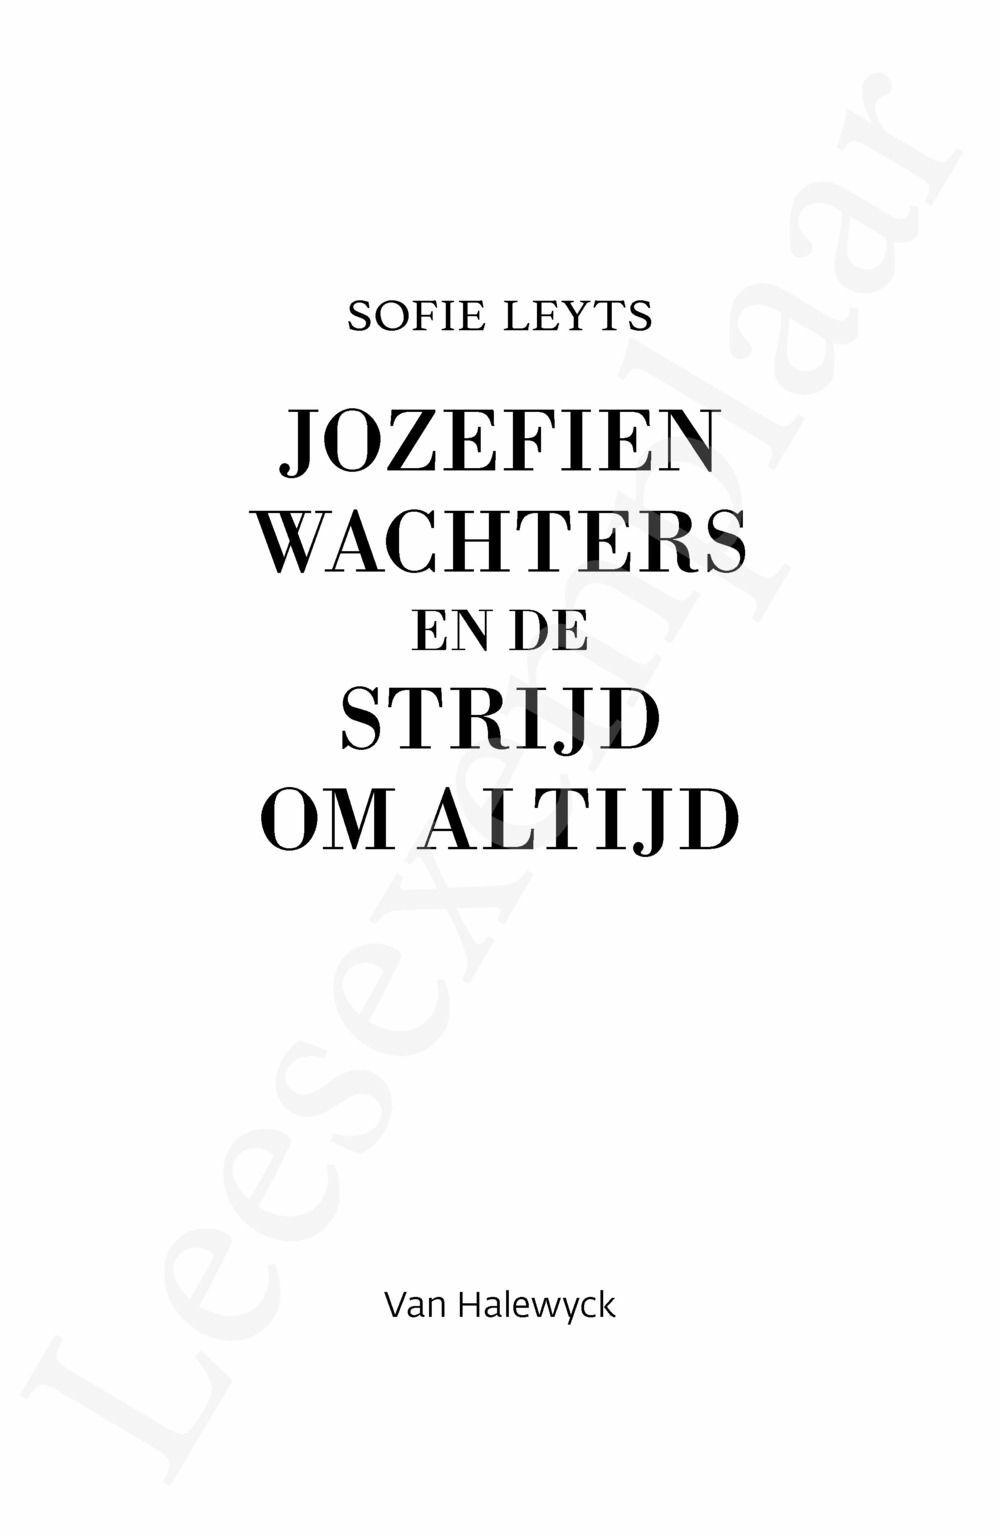 Preview: Jozefien Wachters en de strijd om altijd